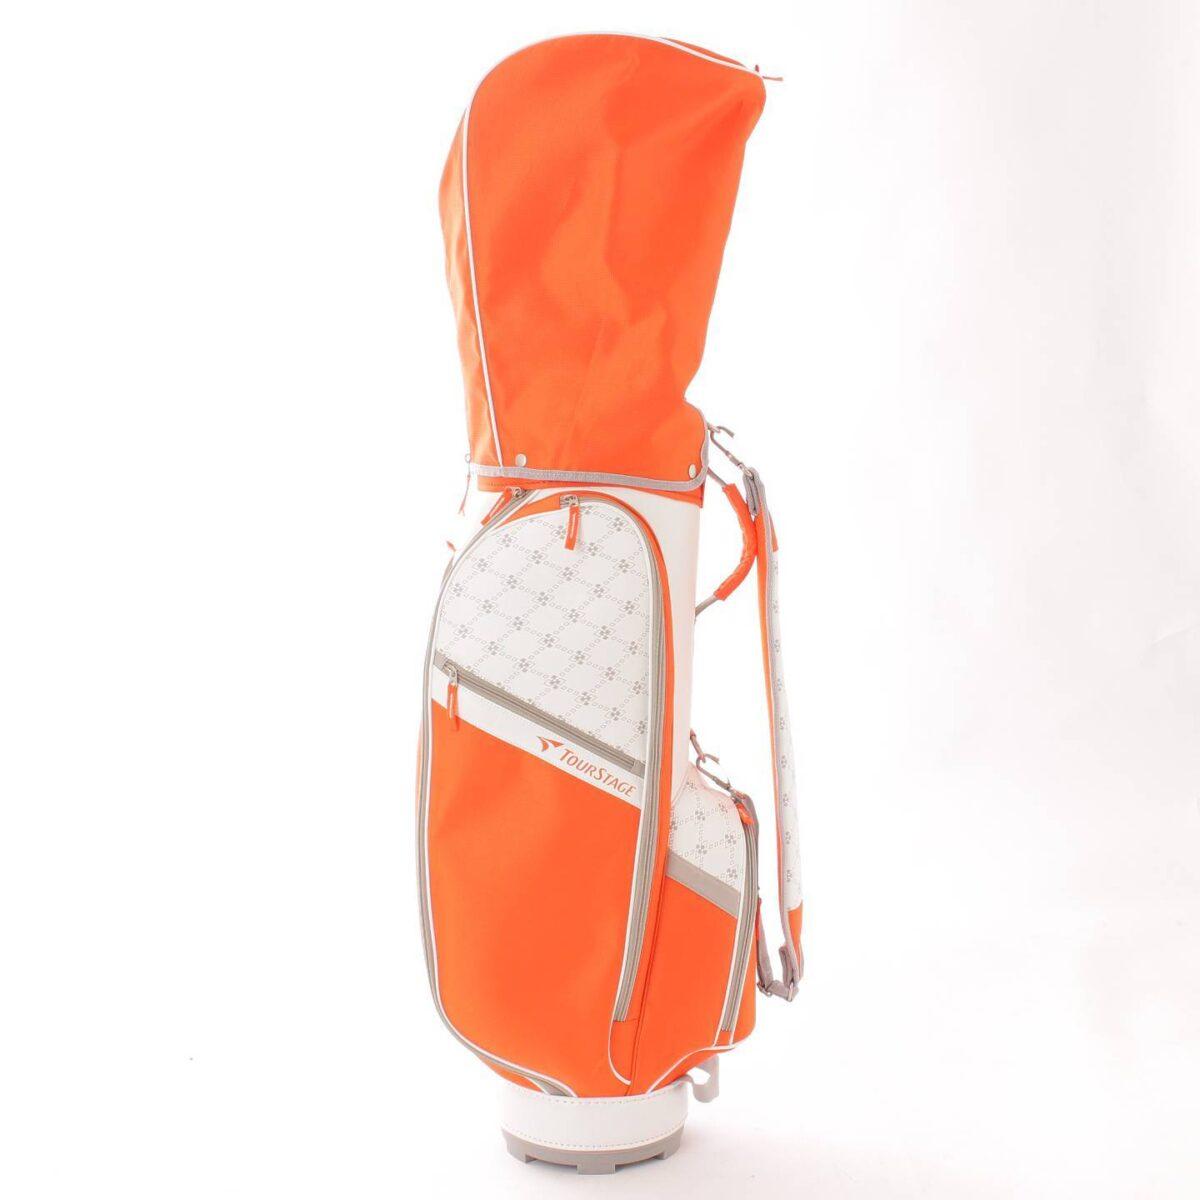 ブリヂストン ツアーステージ ゴルフクラブ 8本セット キャディバッグ 付き (1W、4W、U5、I7、I9、PW、SW、PT) オレンジ